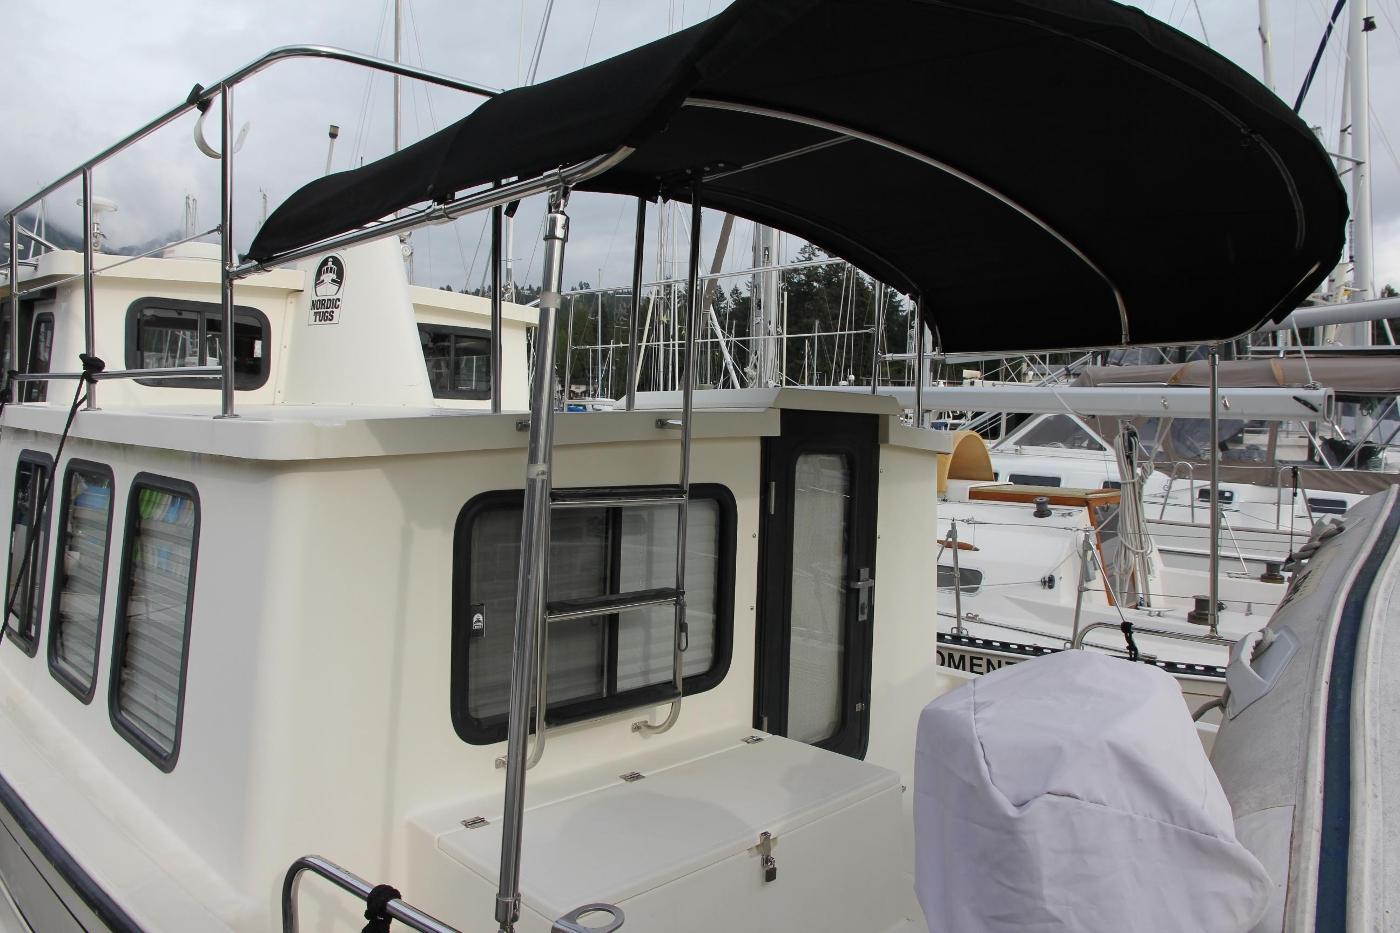 2001 Nordic Tugs 32 Pilothouse, Cockpit Bimini